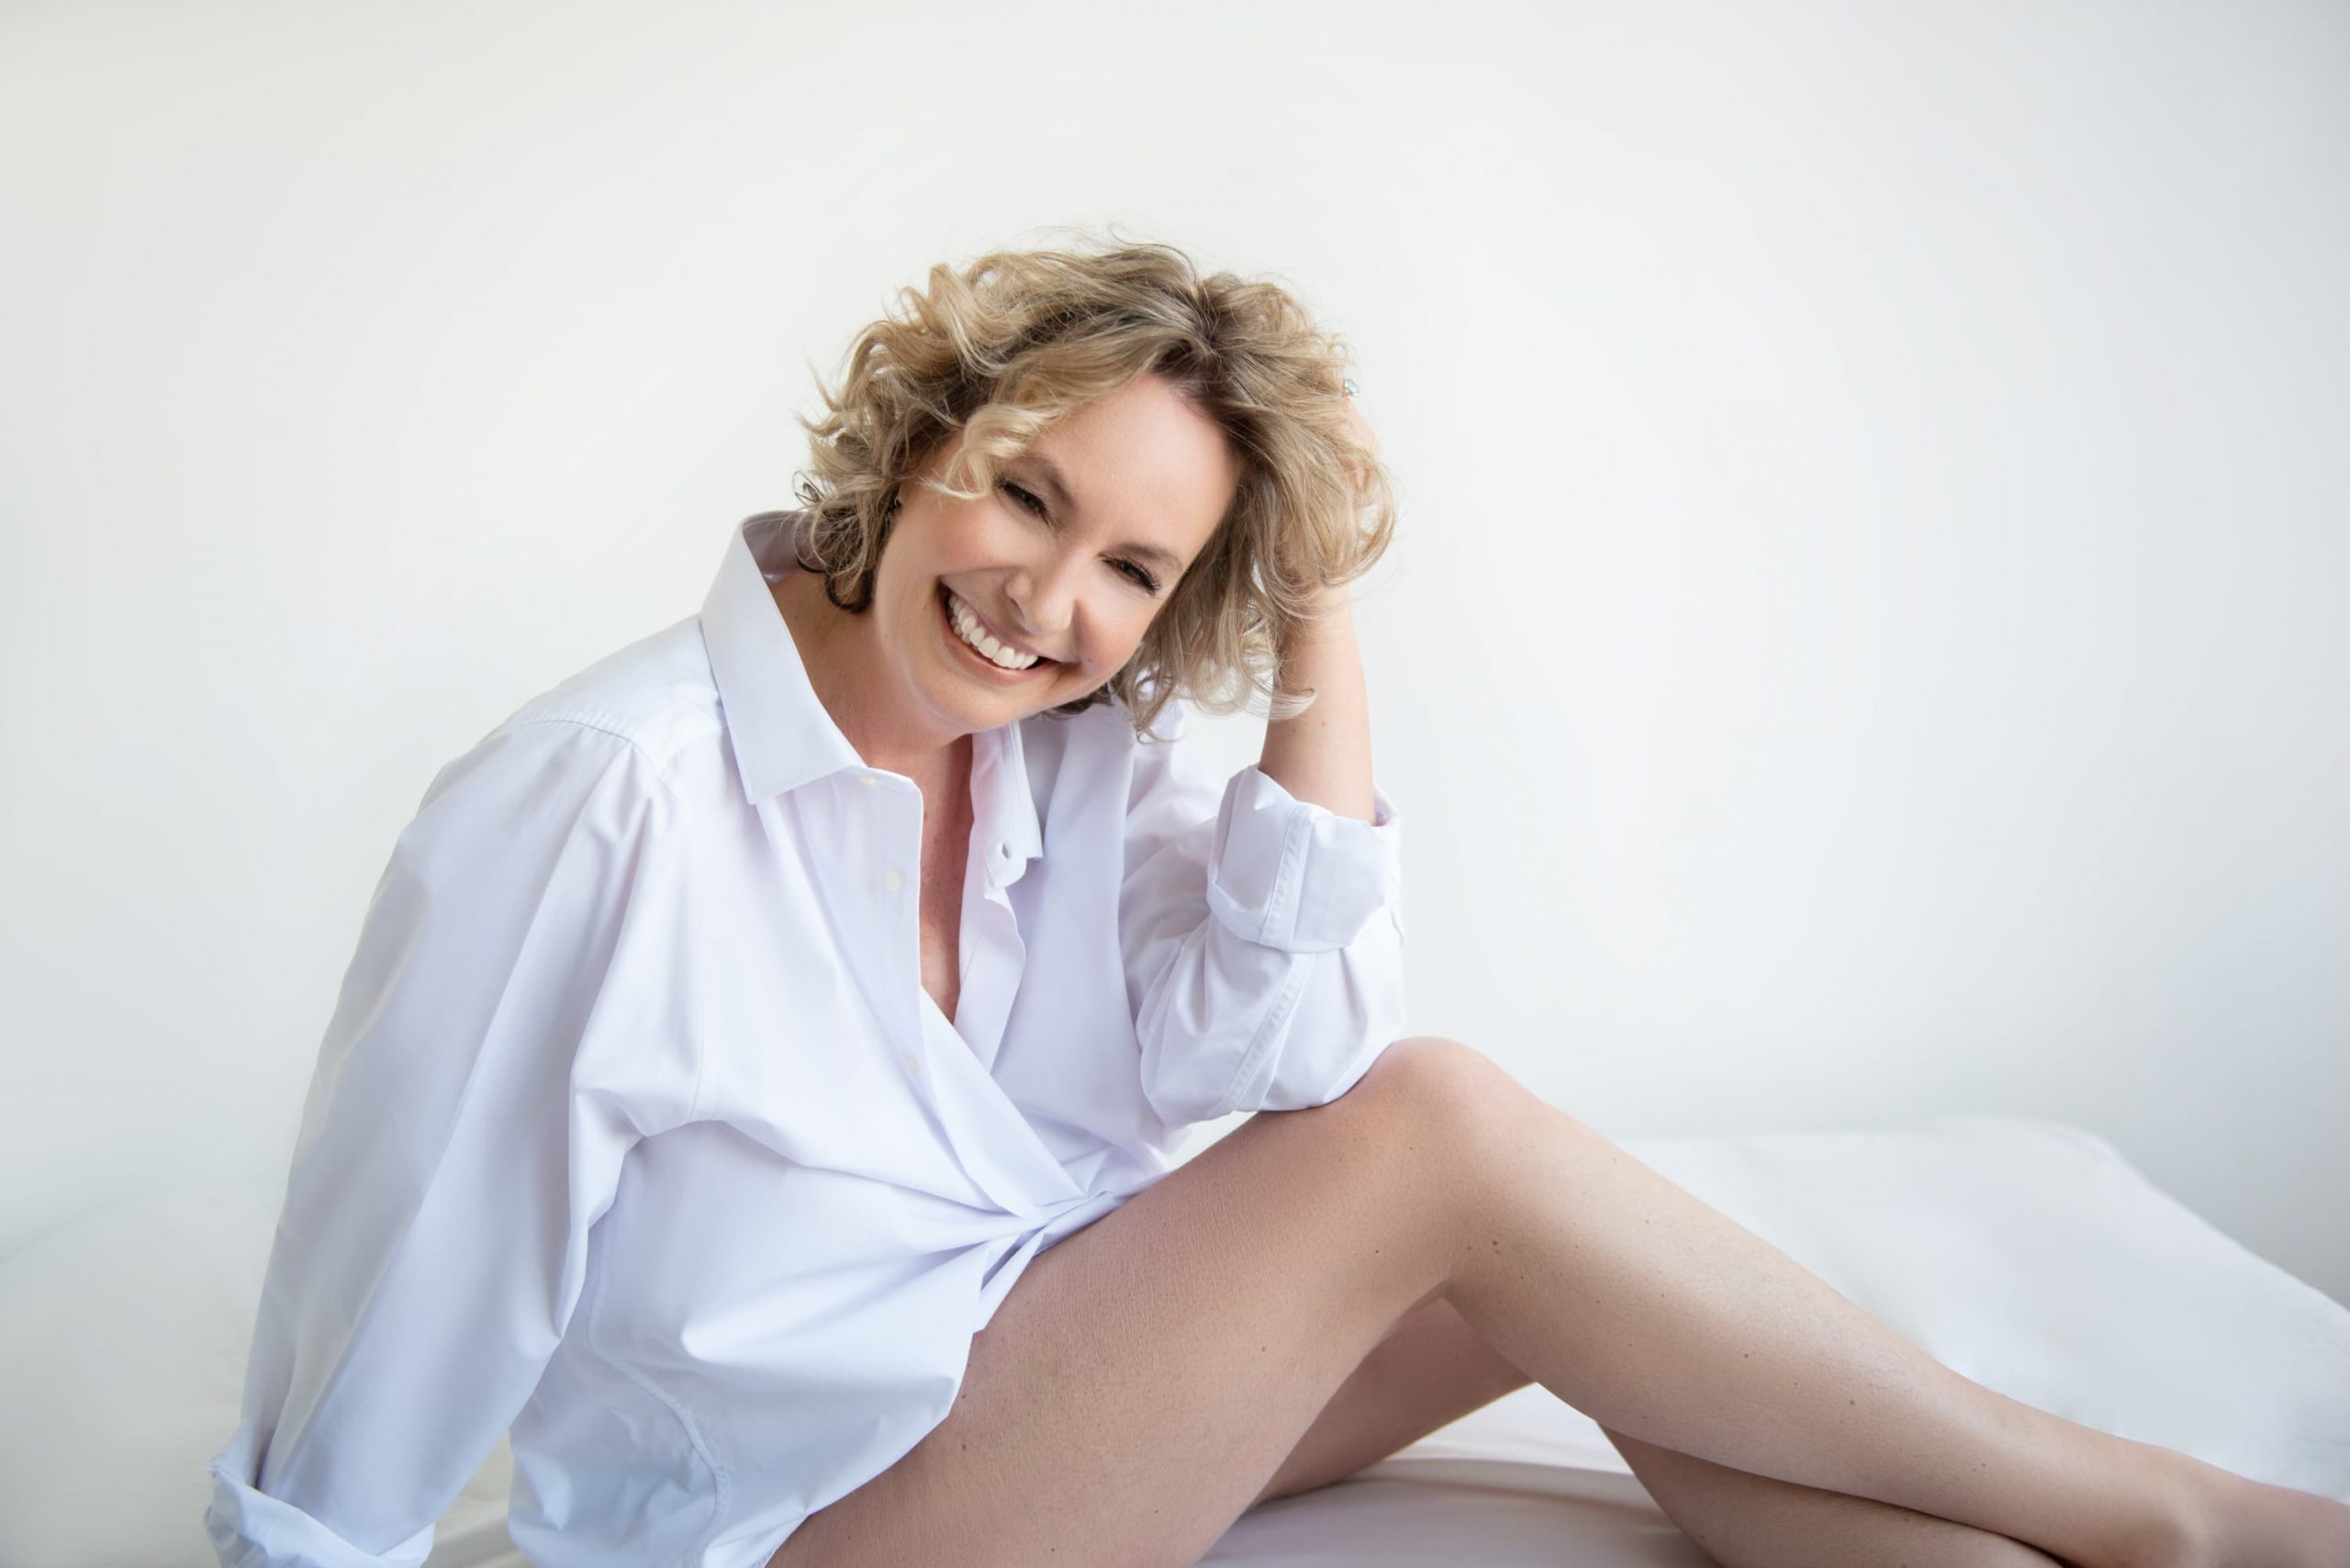 vrolijke vrouw in witte blouse